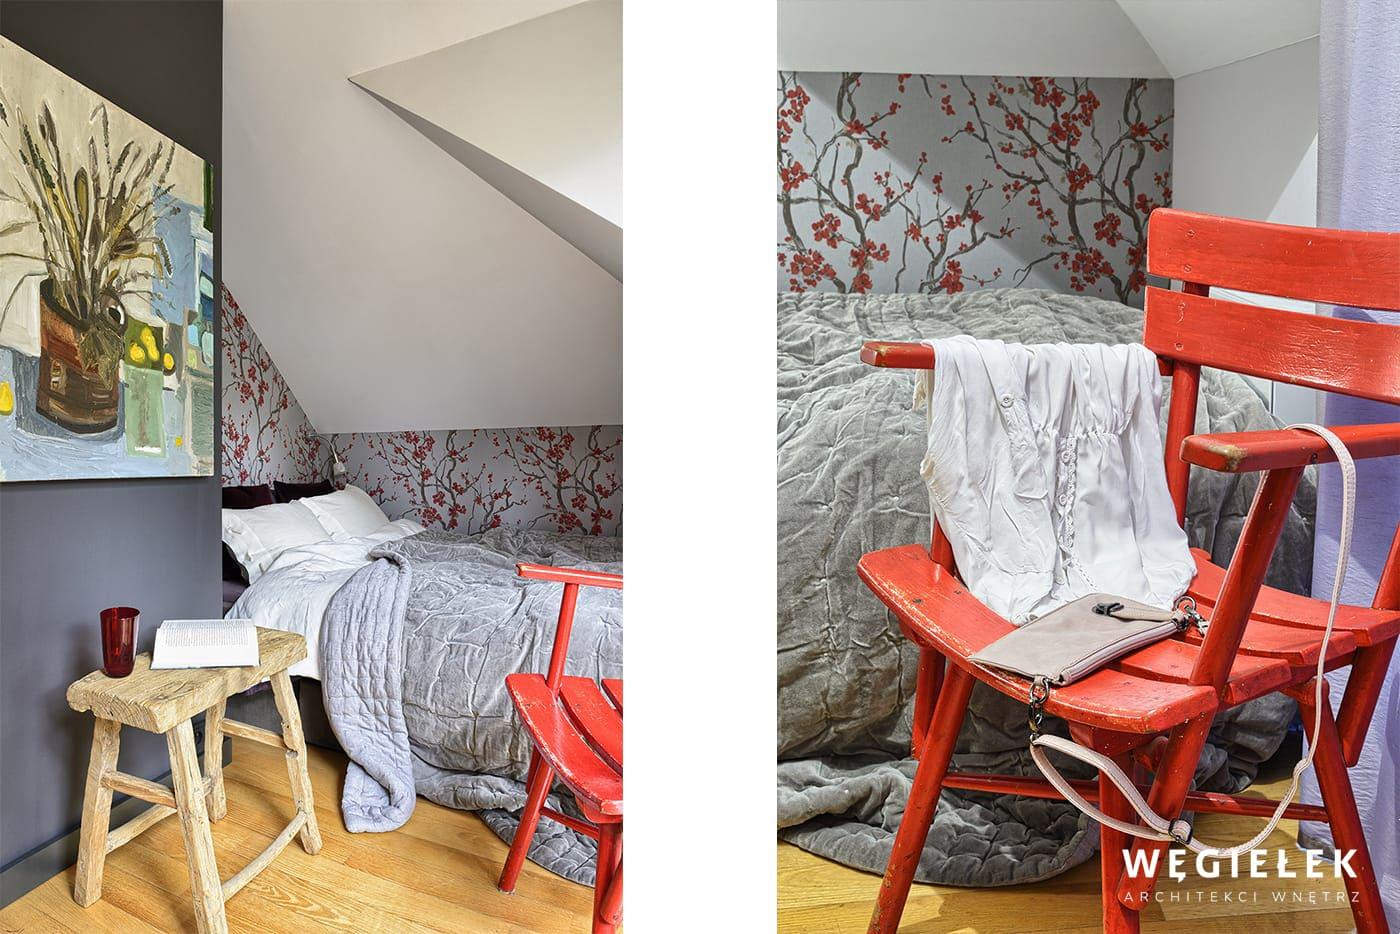 Poddasze może być ciekawie zaprojektowane przez architektów wnętrz. To łączy w sobie różne kontrasty: stare z nowym, szare z czerwonym, skosy z kątami prostymi.